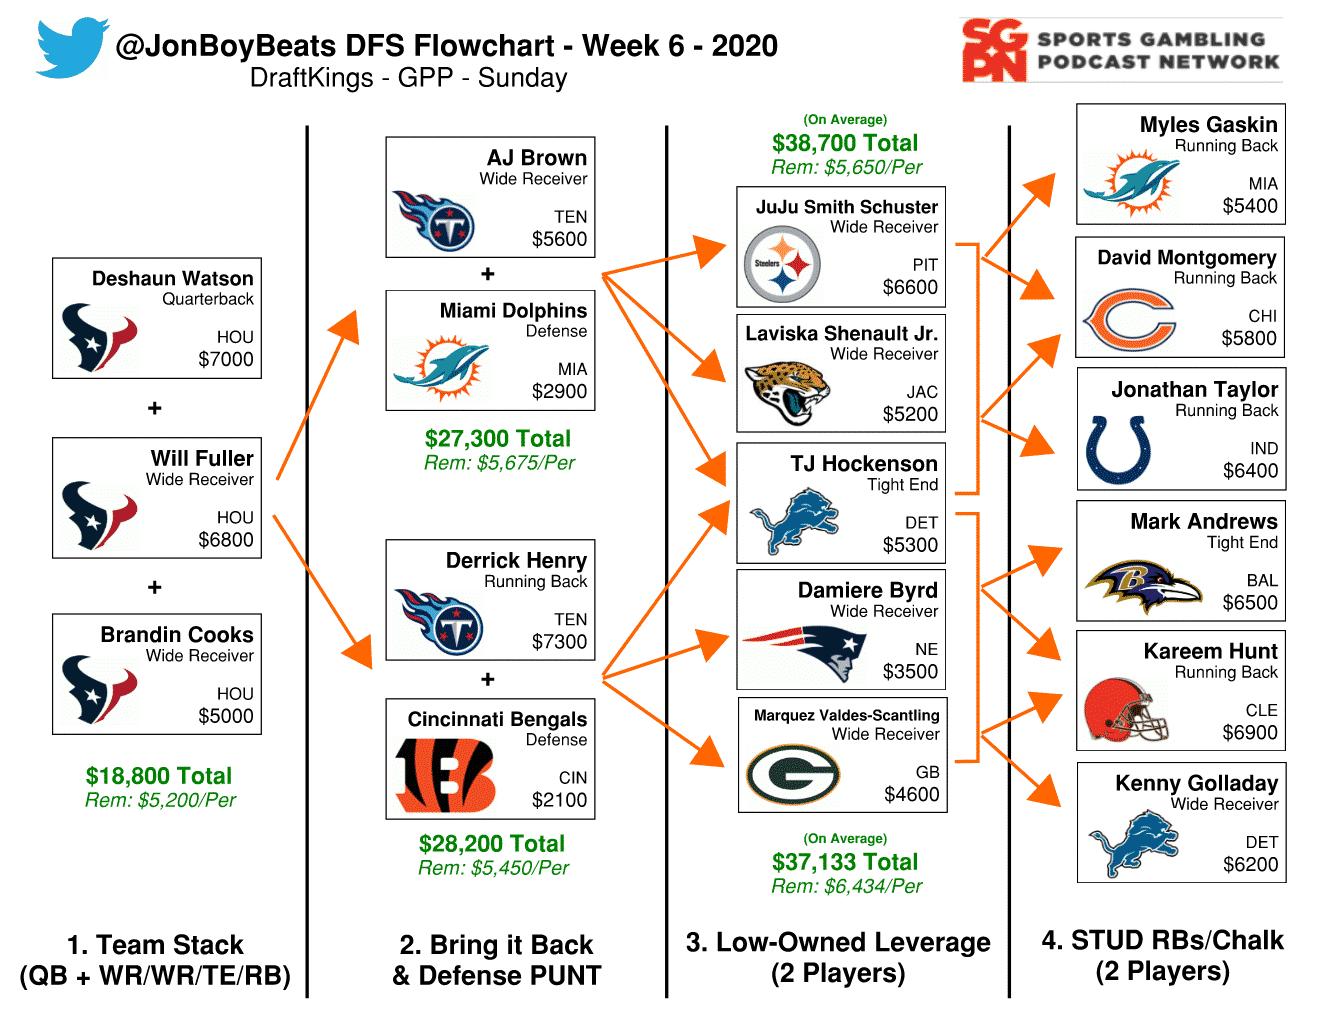 NFL DFS Flowchart Week 6 DraftKings GPP